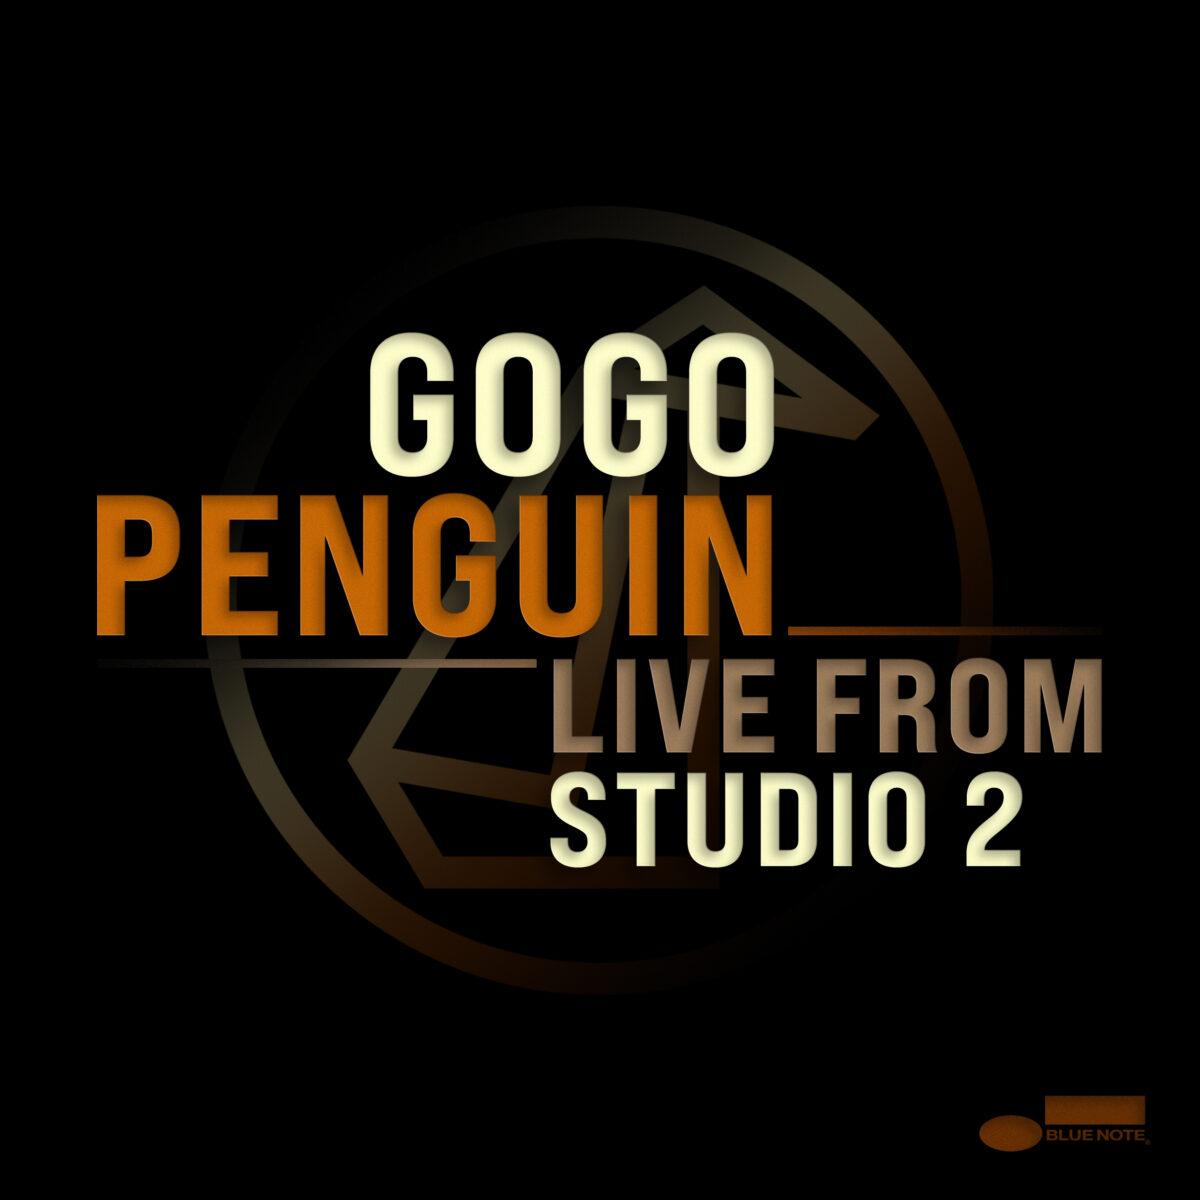 Gogo Penguin Live From Studio 2 cover art